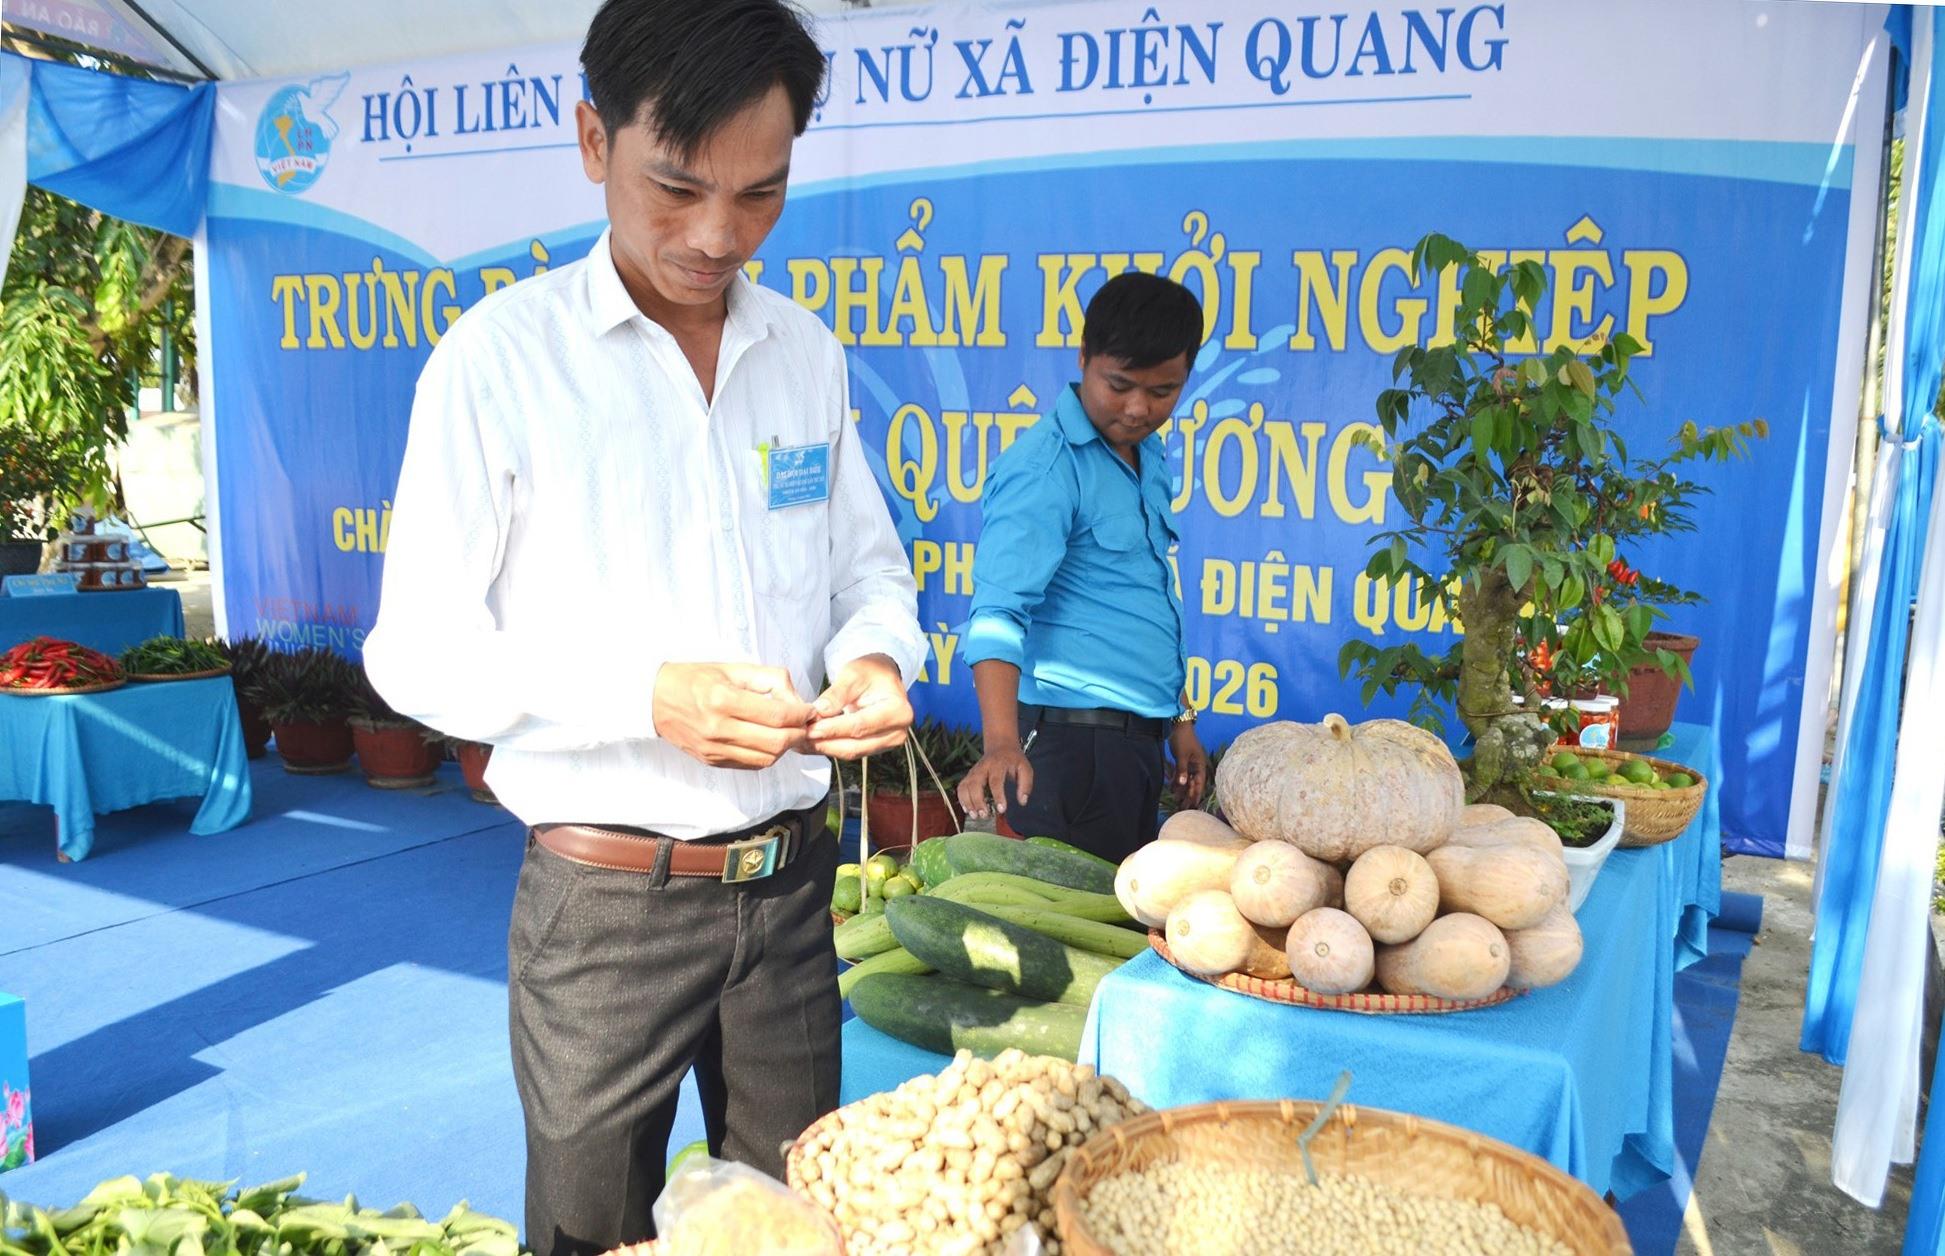 Sản phẩm nông sản tiêu biểu của địa phương do HVPN các thôn sản xuất được trưng bày tại đại hội. Ảnh: CT